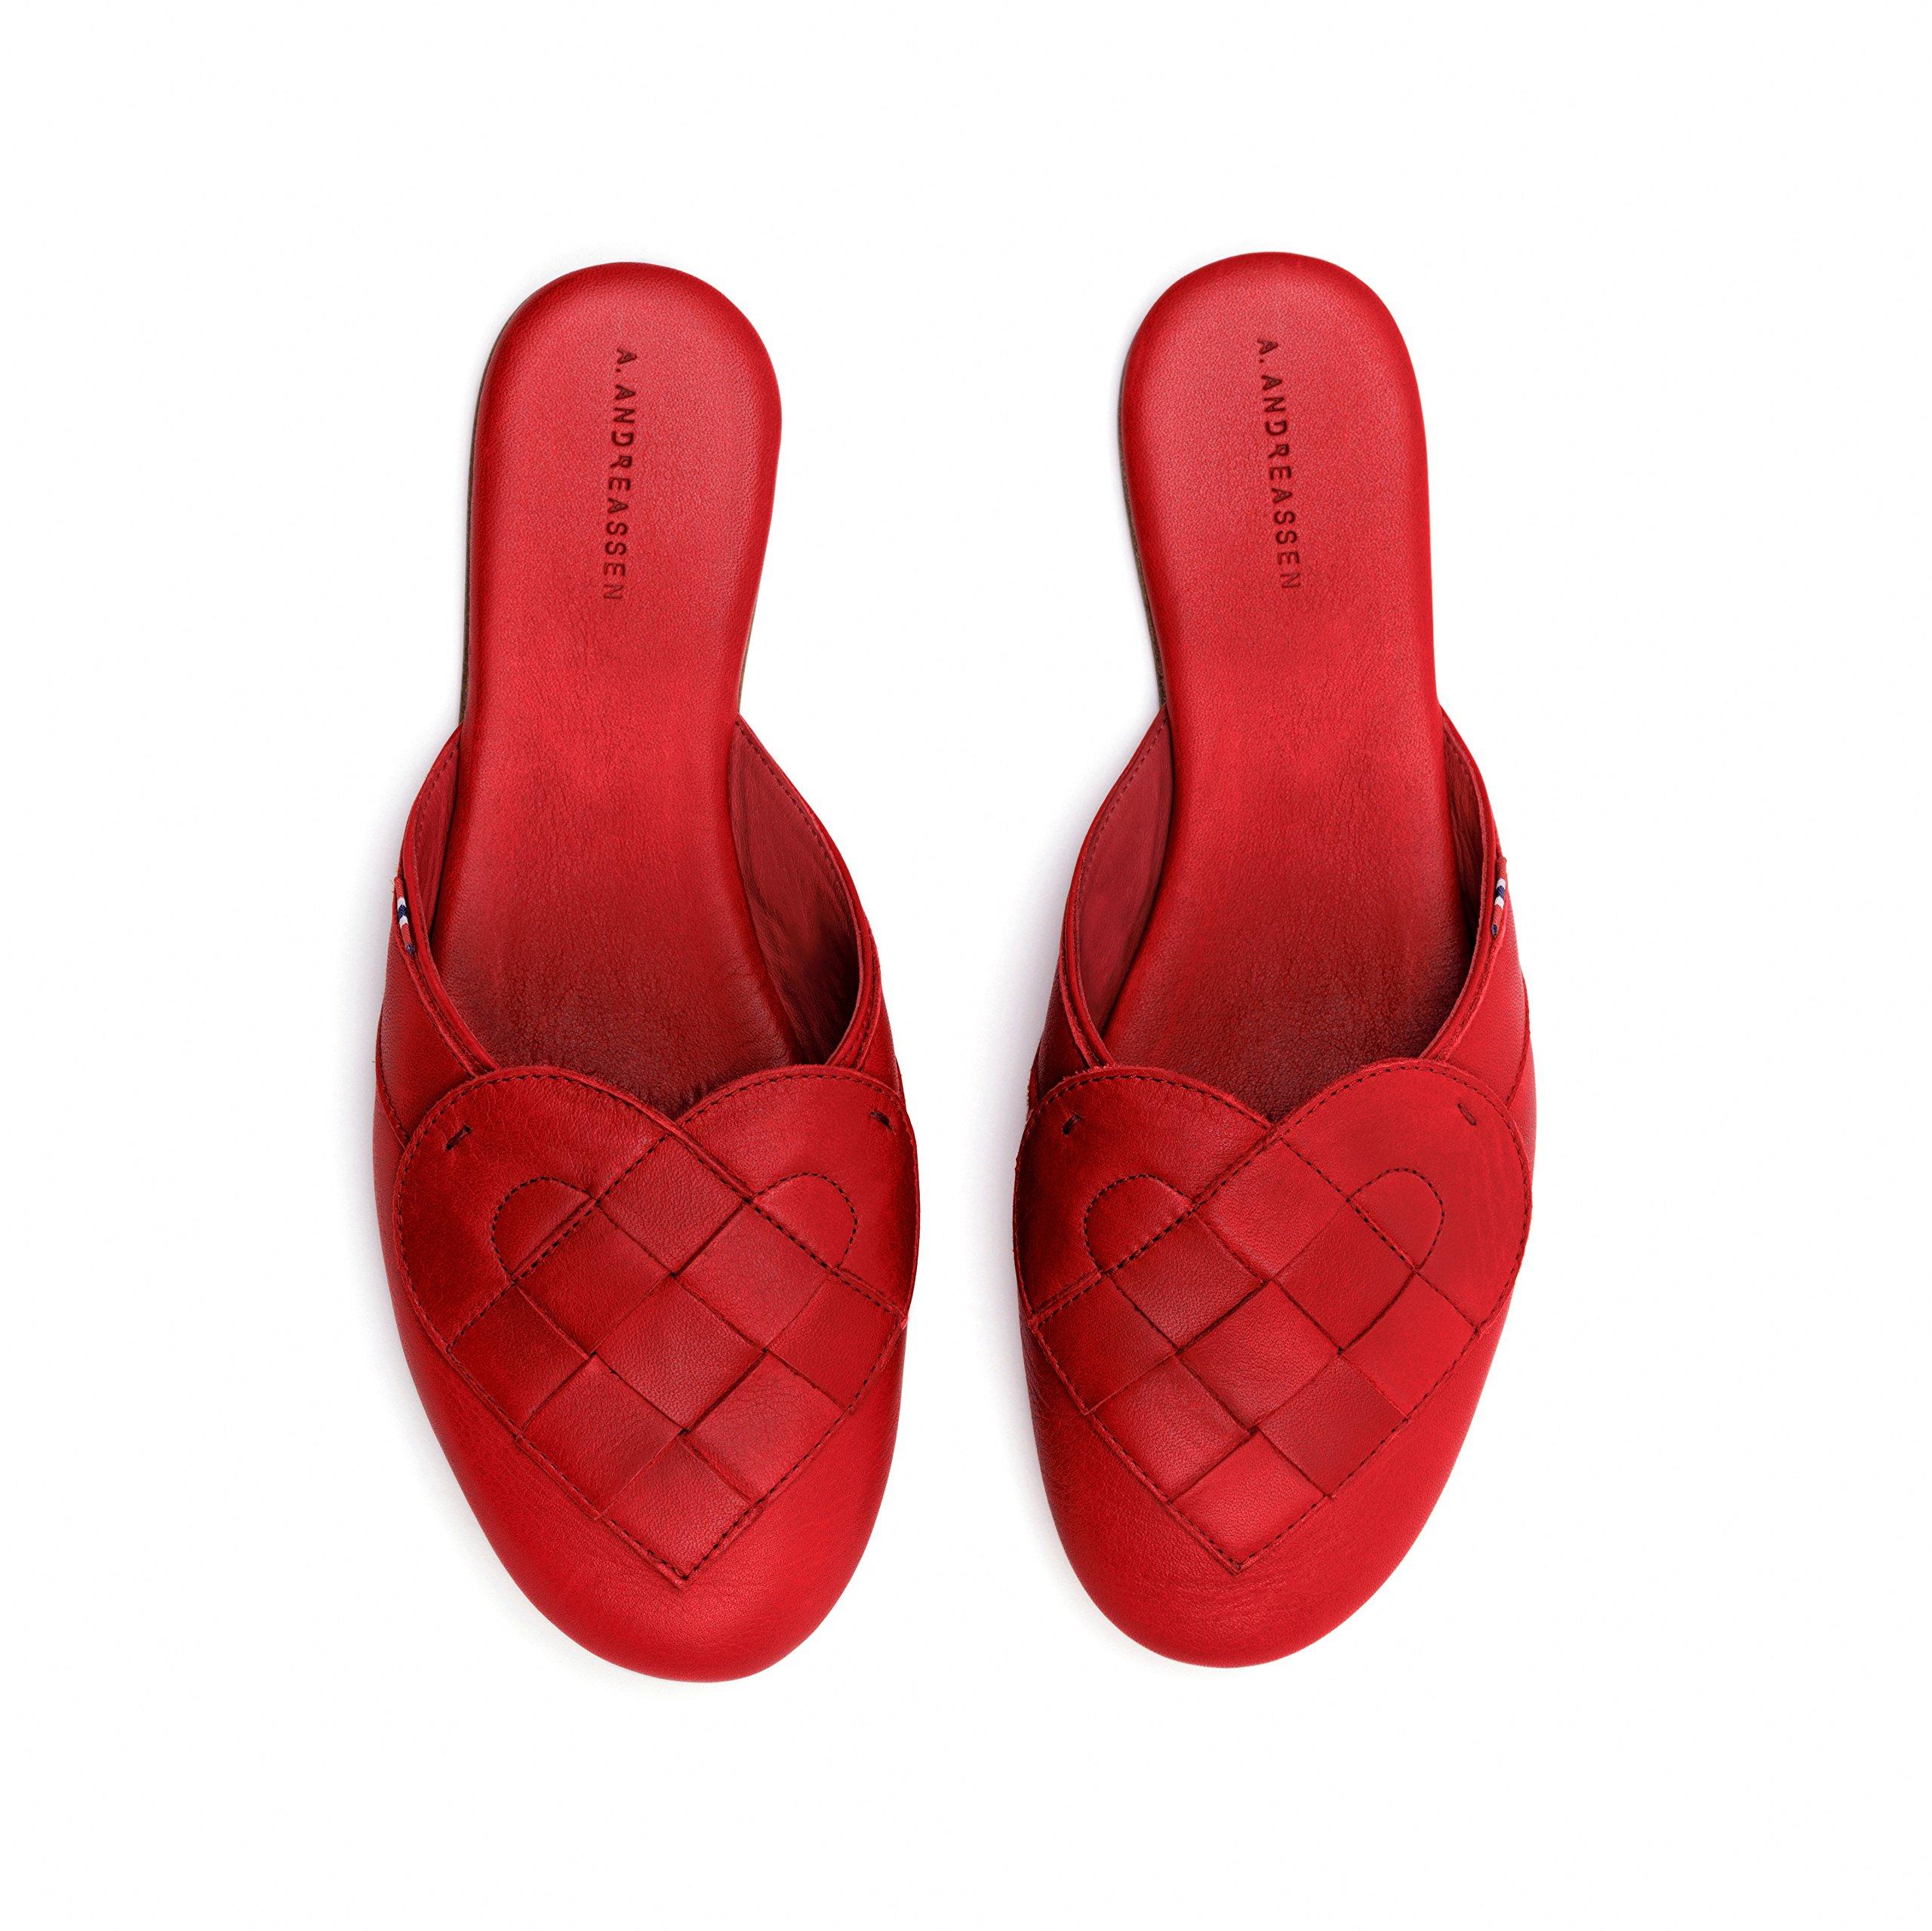 A. Andreassen Women's Elskling Mule Slipper Italian Leather ''Very Red'' 9 US 40 EU